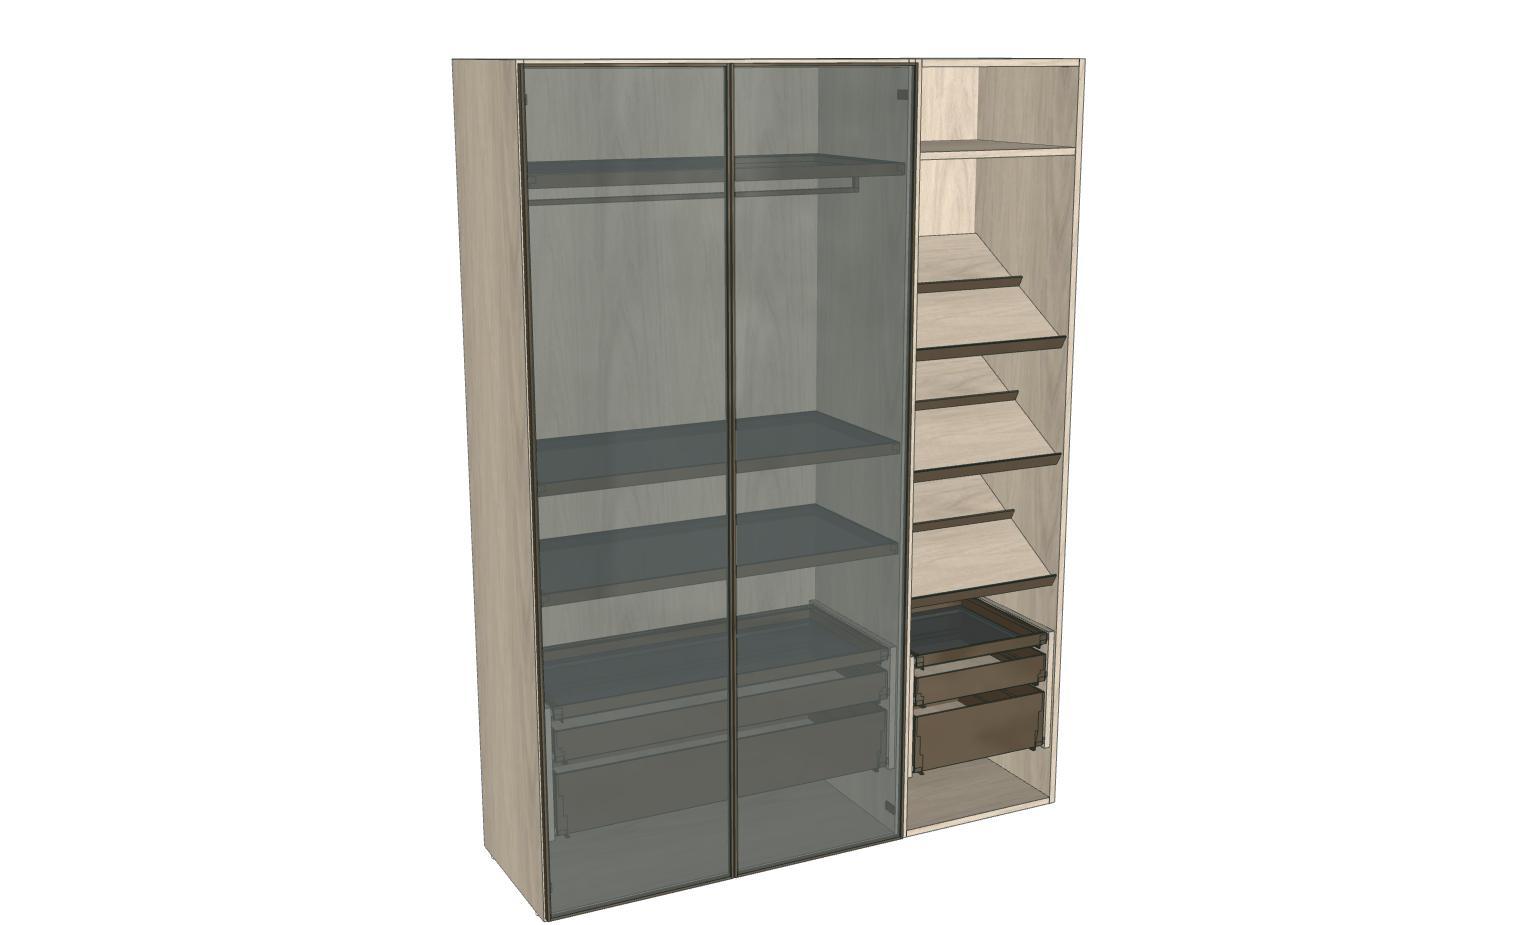 Компоновка распашного шкафа Mixal